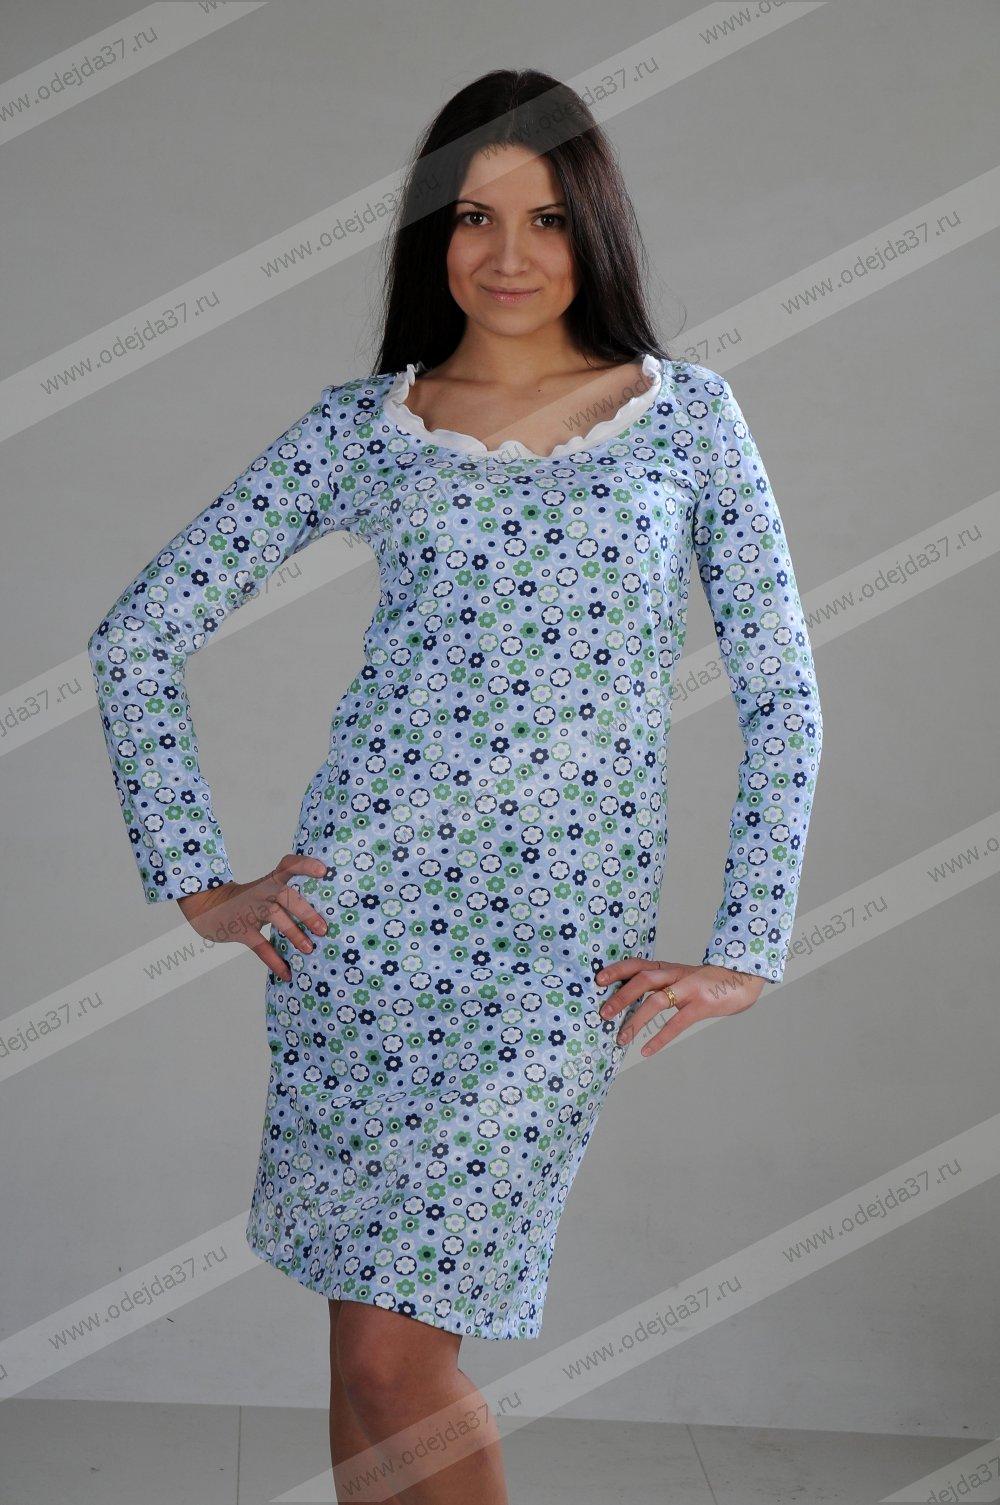 Увеличить - Сорочка женская №21